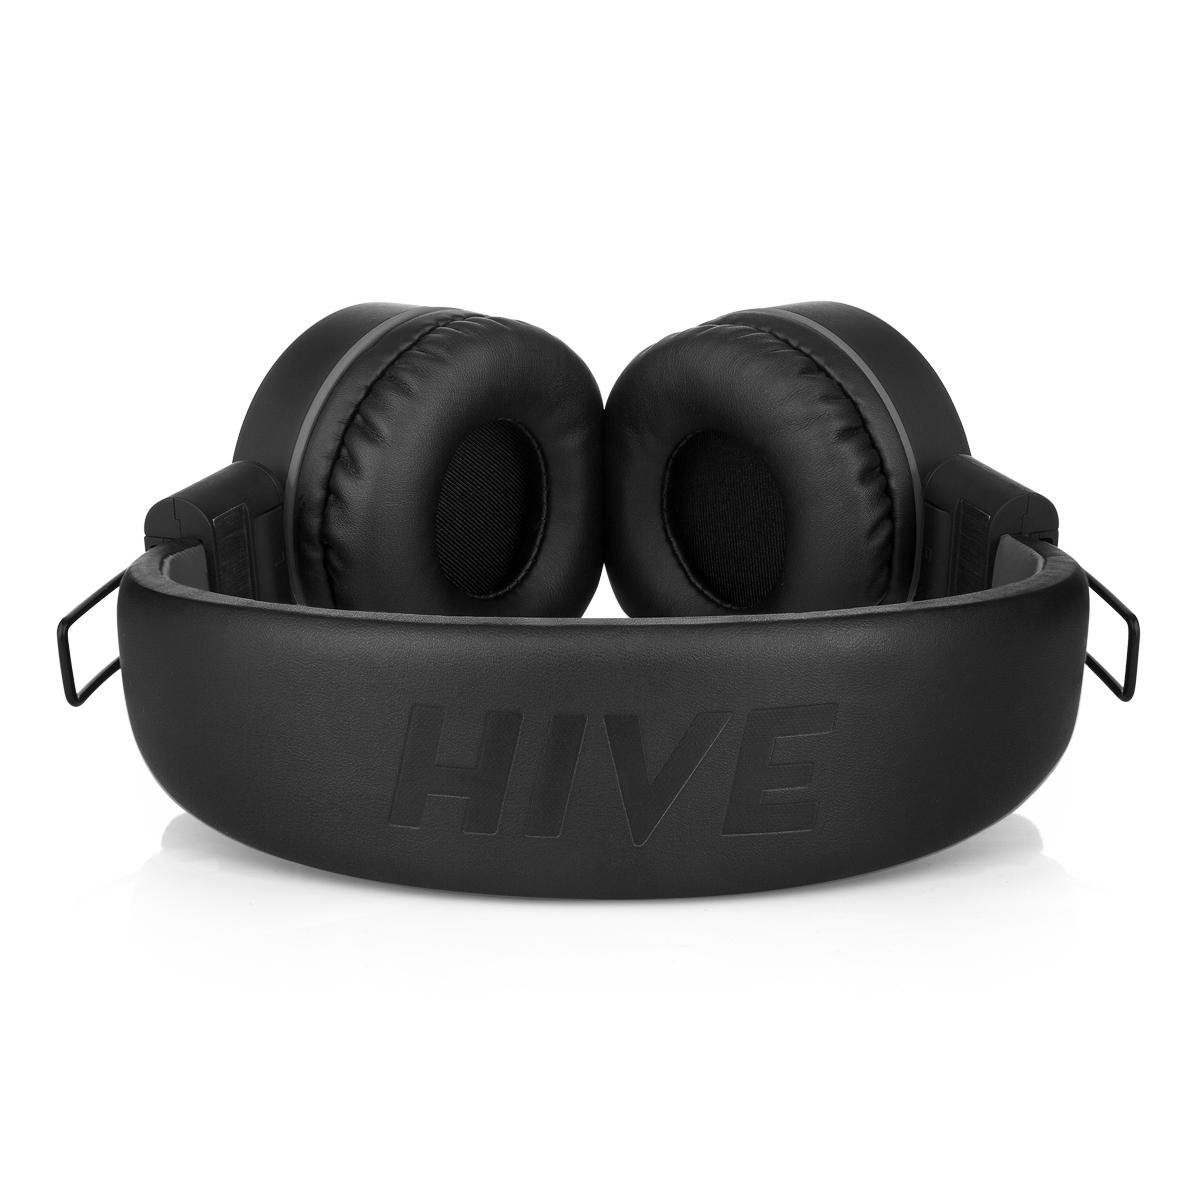 Bezdrátová sluchátka Niceboy HIVE tmavě černá